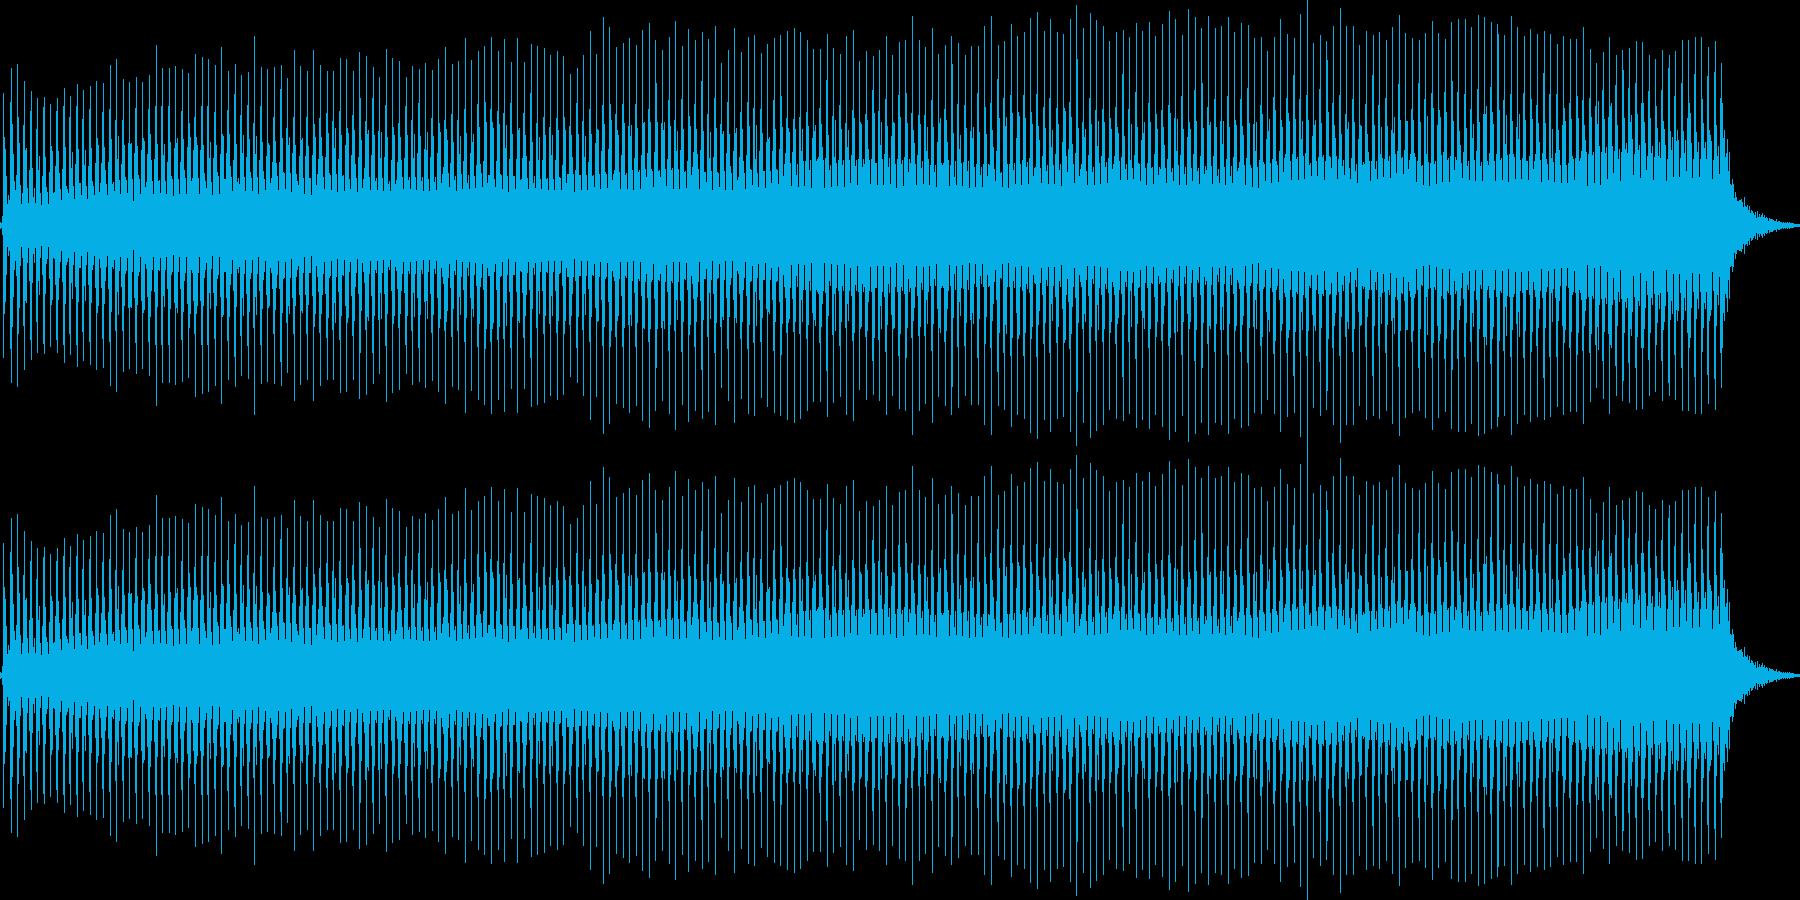 開演ブザー(ブーッ)の再生済みの波形